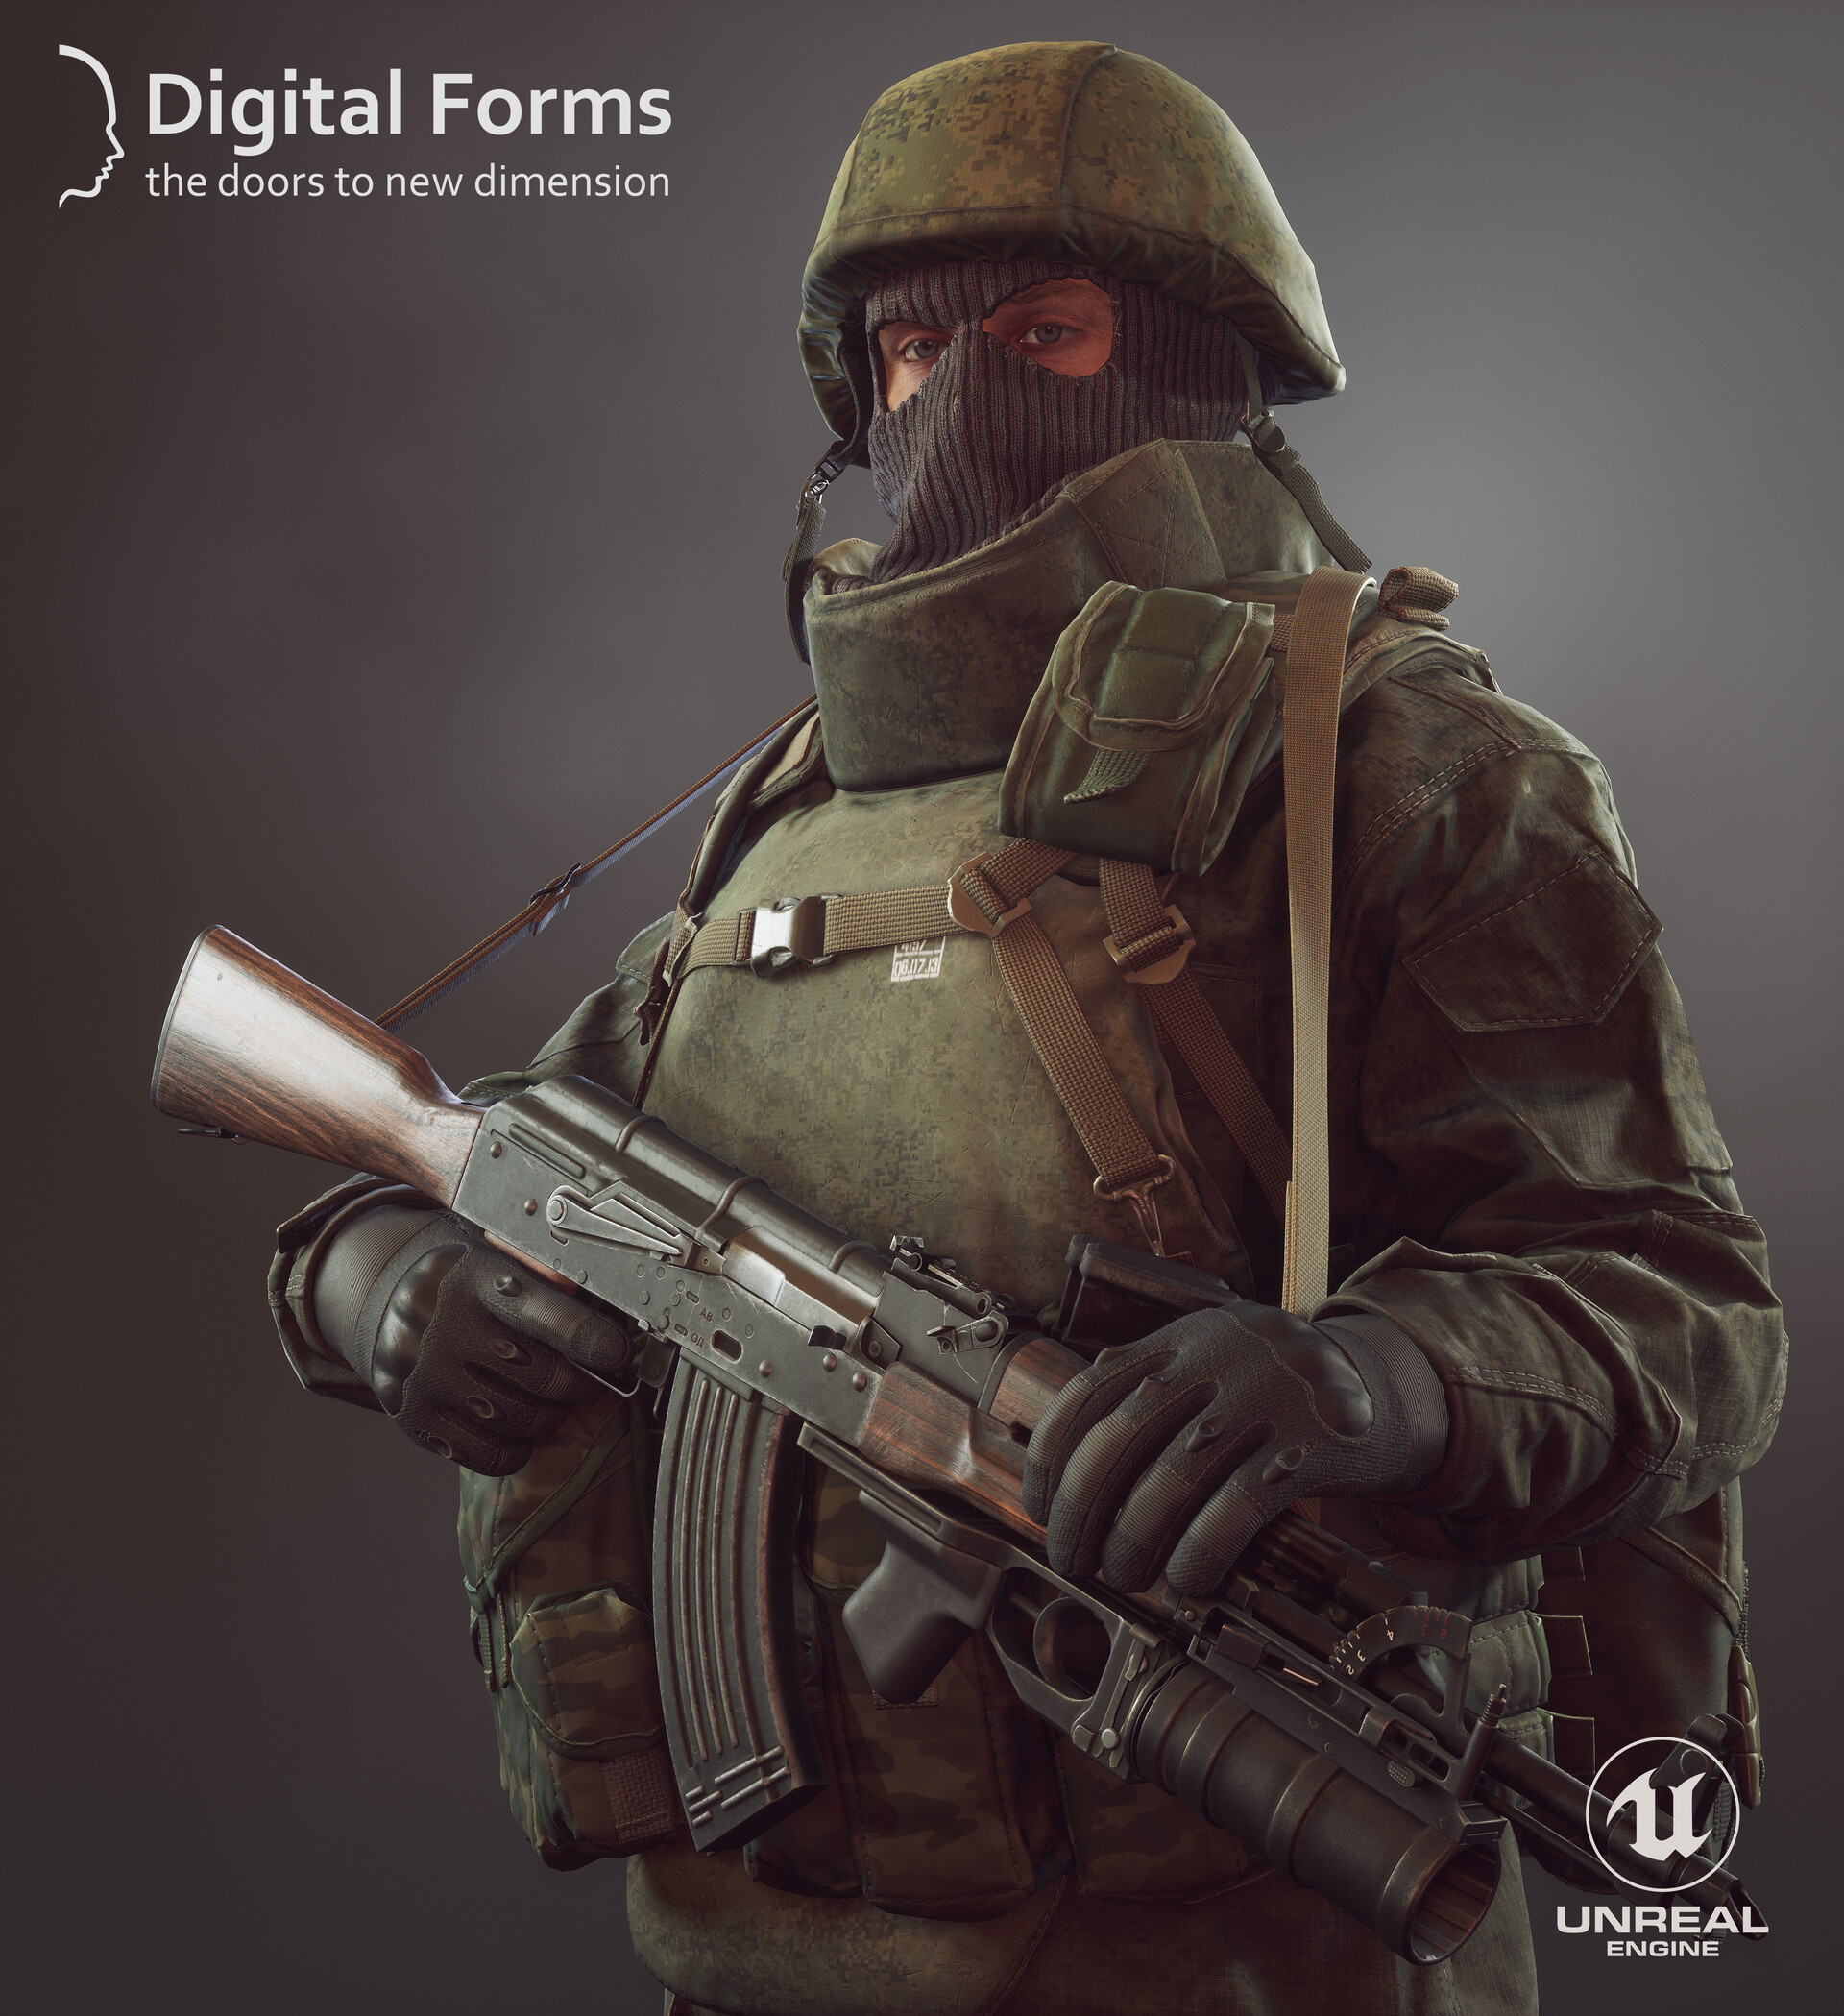 Digital forms midleplane 01